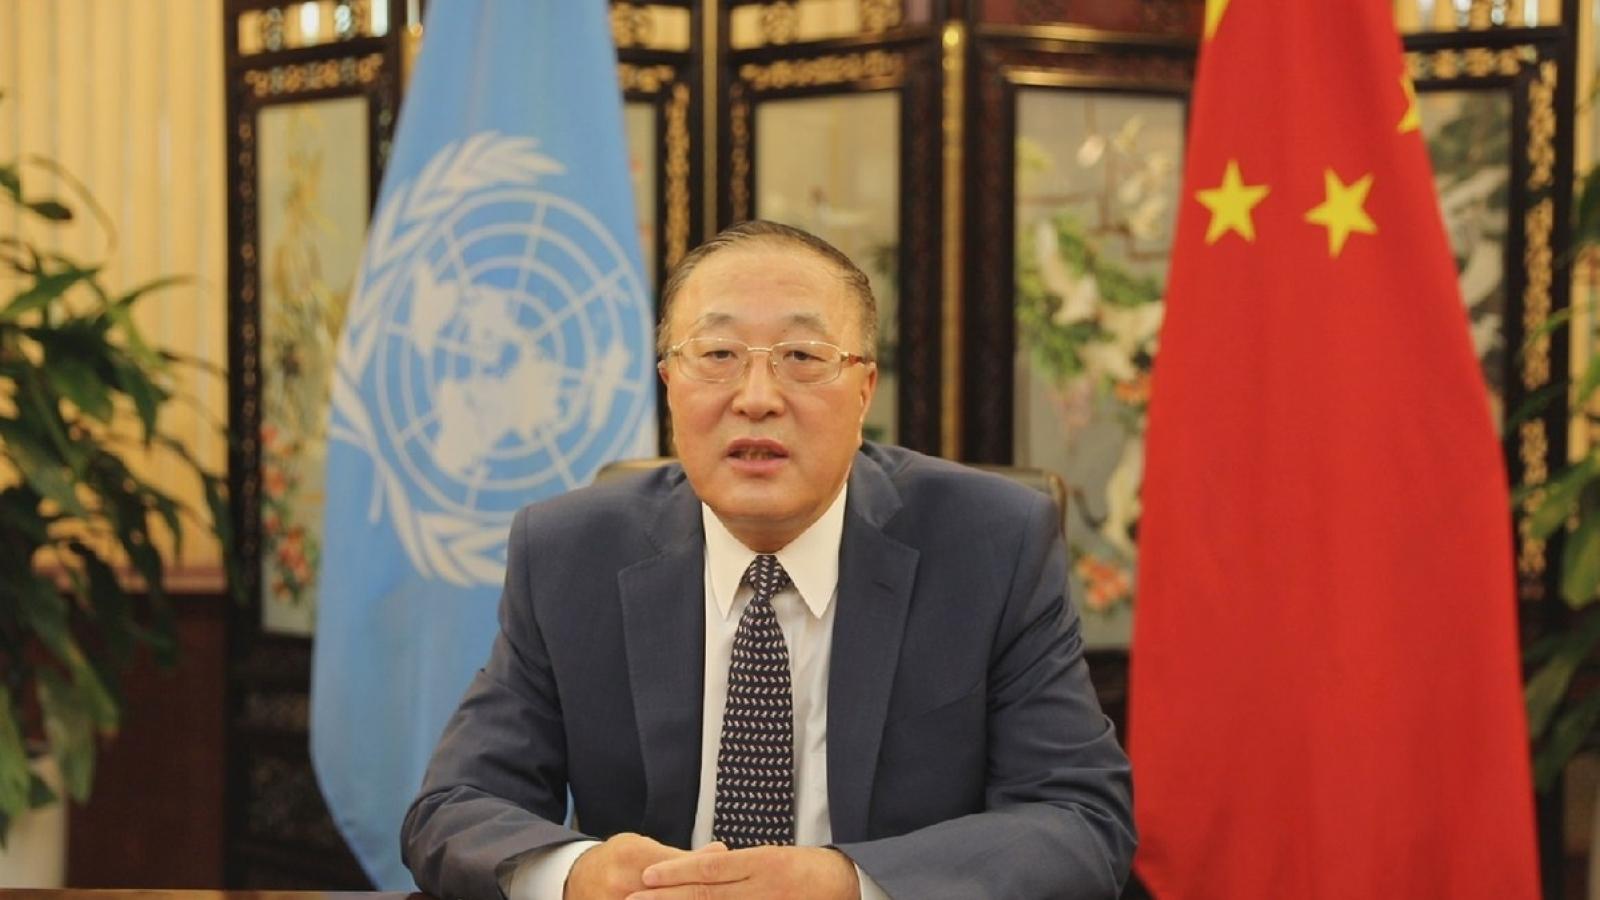 Hội đồng Bảo an ủng hộ vai trò của ASEAN trong việc ứng phó cuộc khủng hoảng tại Myanmar